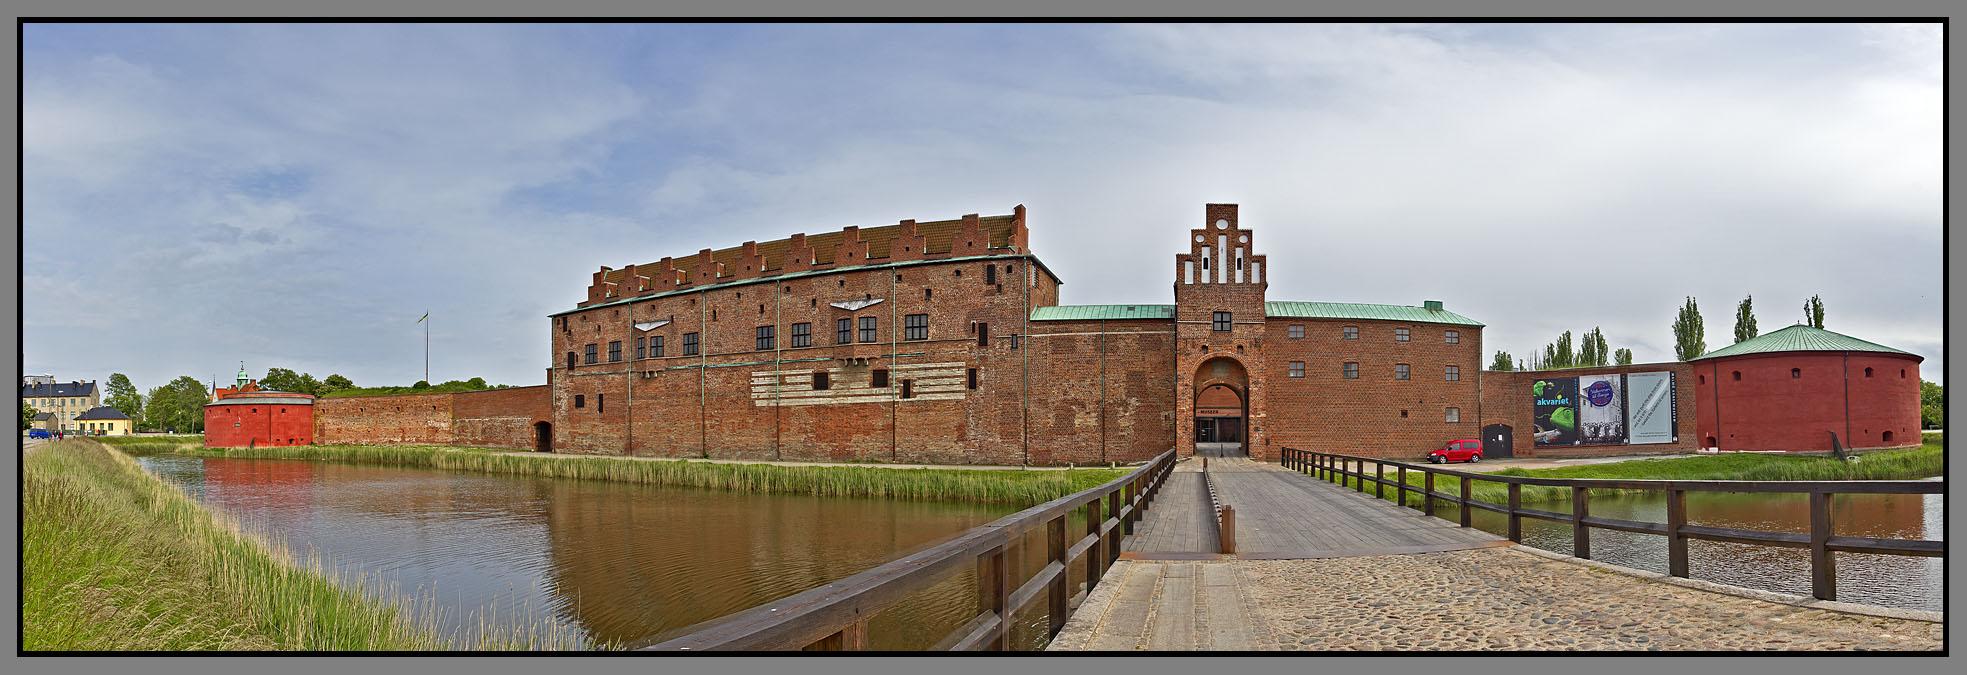 Sweden, Malmo - Malmohus Castle